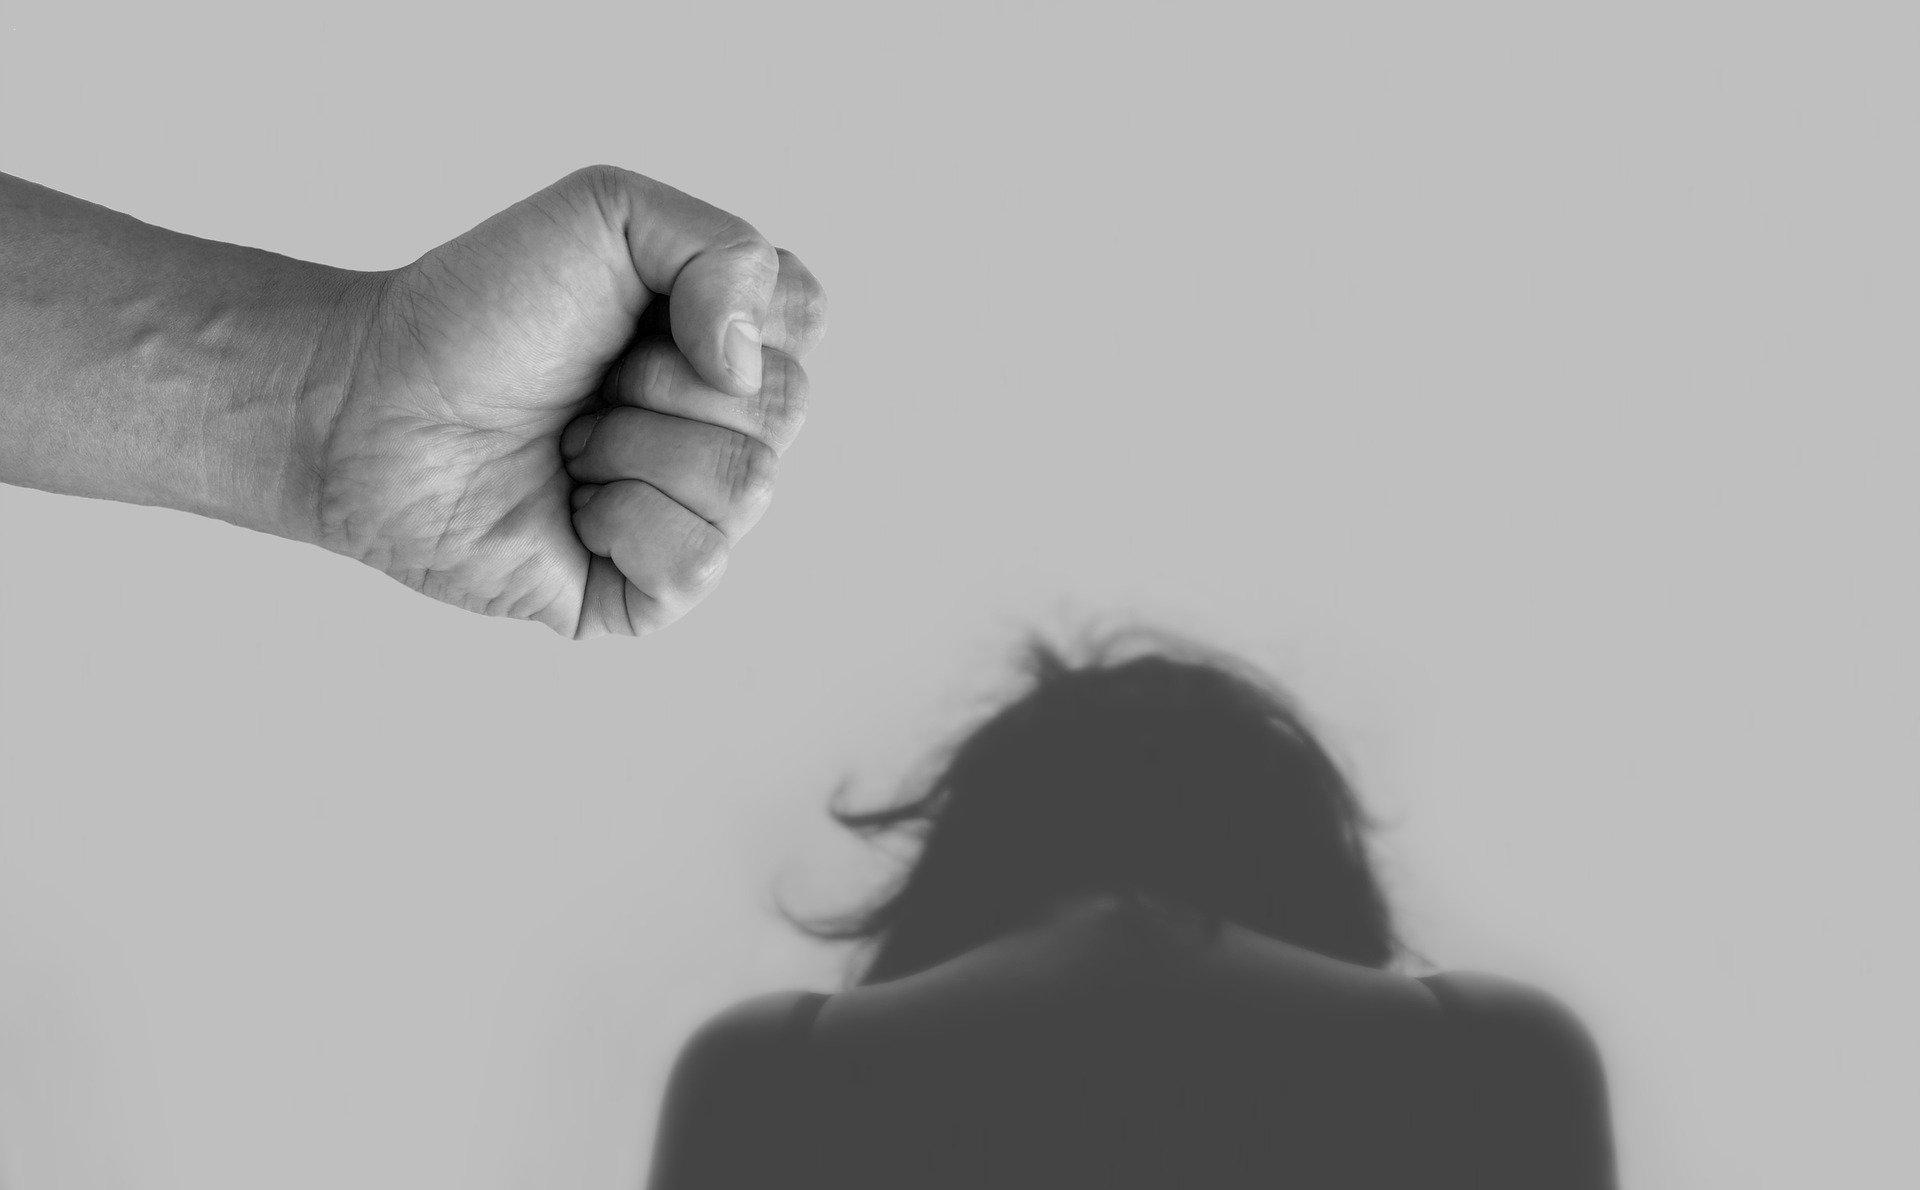 Osobisty plan awaryjny – jak uchronić się przed przemocą domową podczas epidemii ? [WSKAZÓWKI RPO]